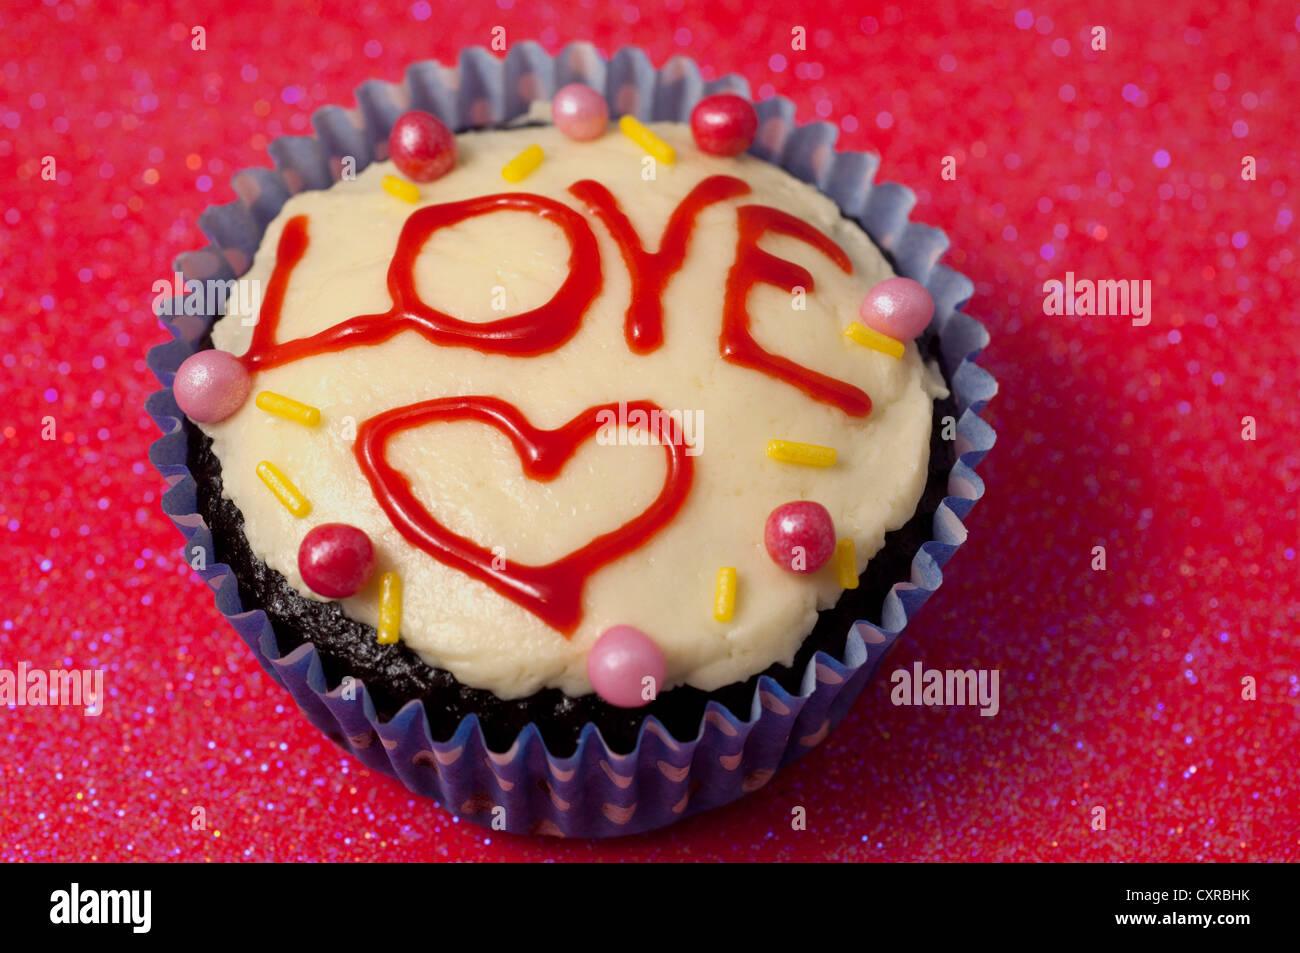 Hausgemachte Kuchen Mit Grun Das Wort Liebe In Roten Glasur